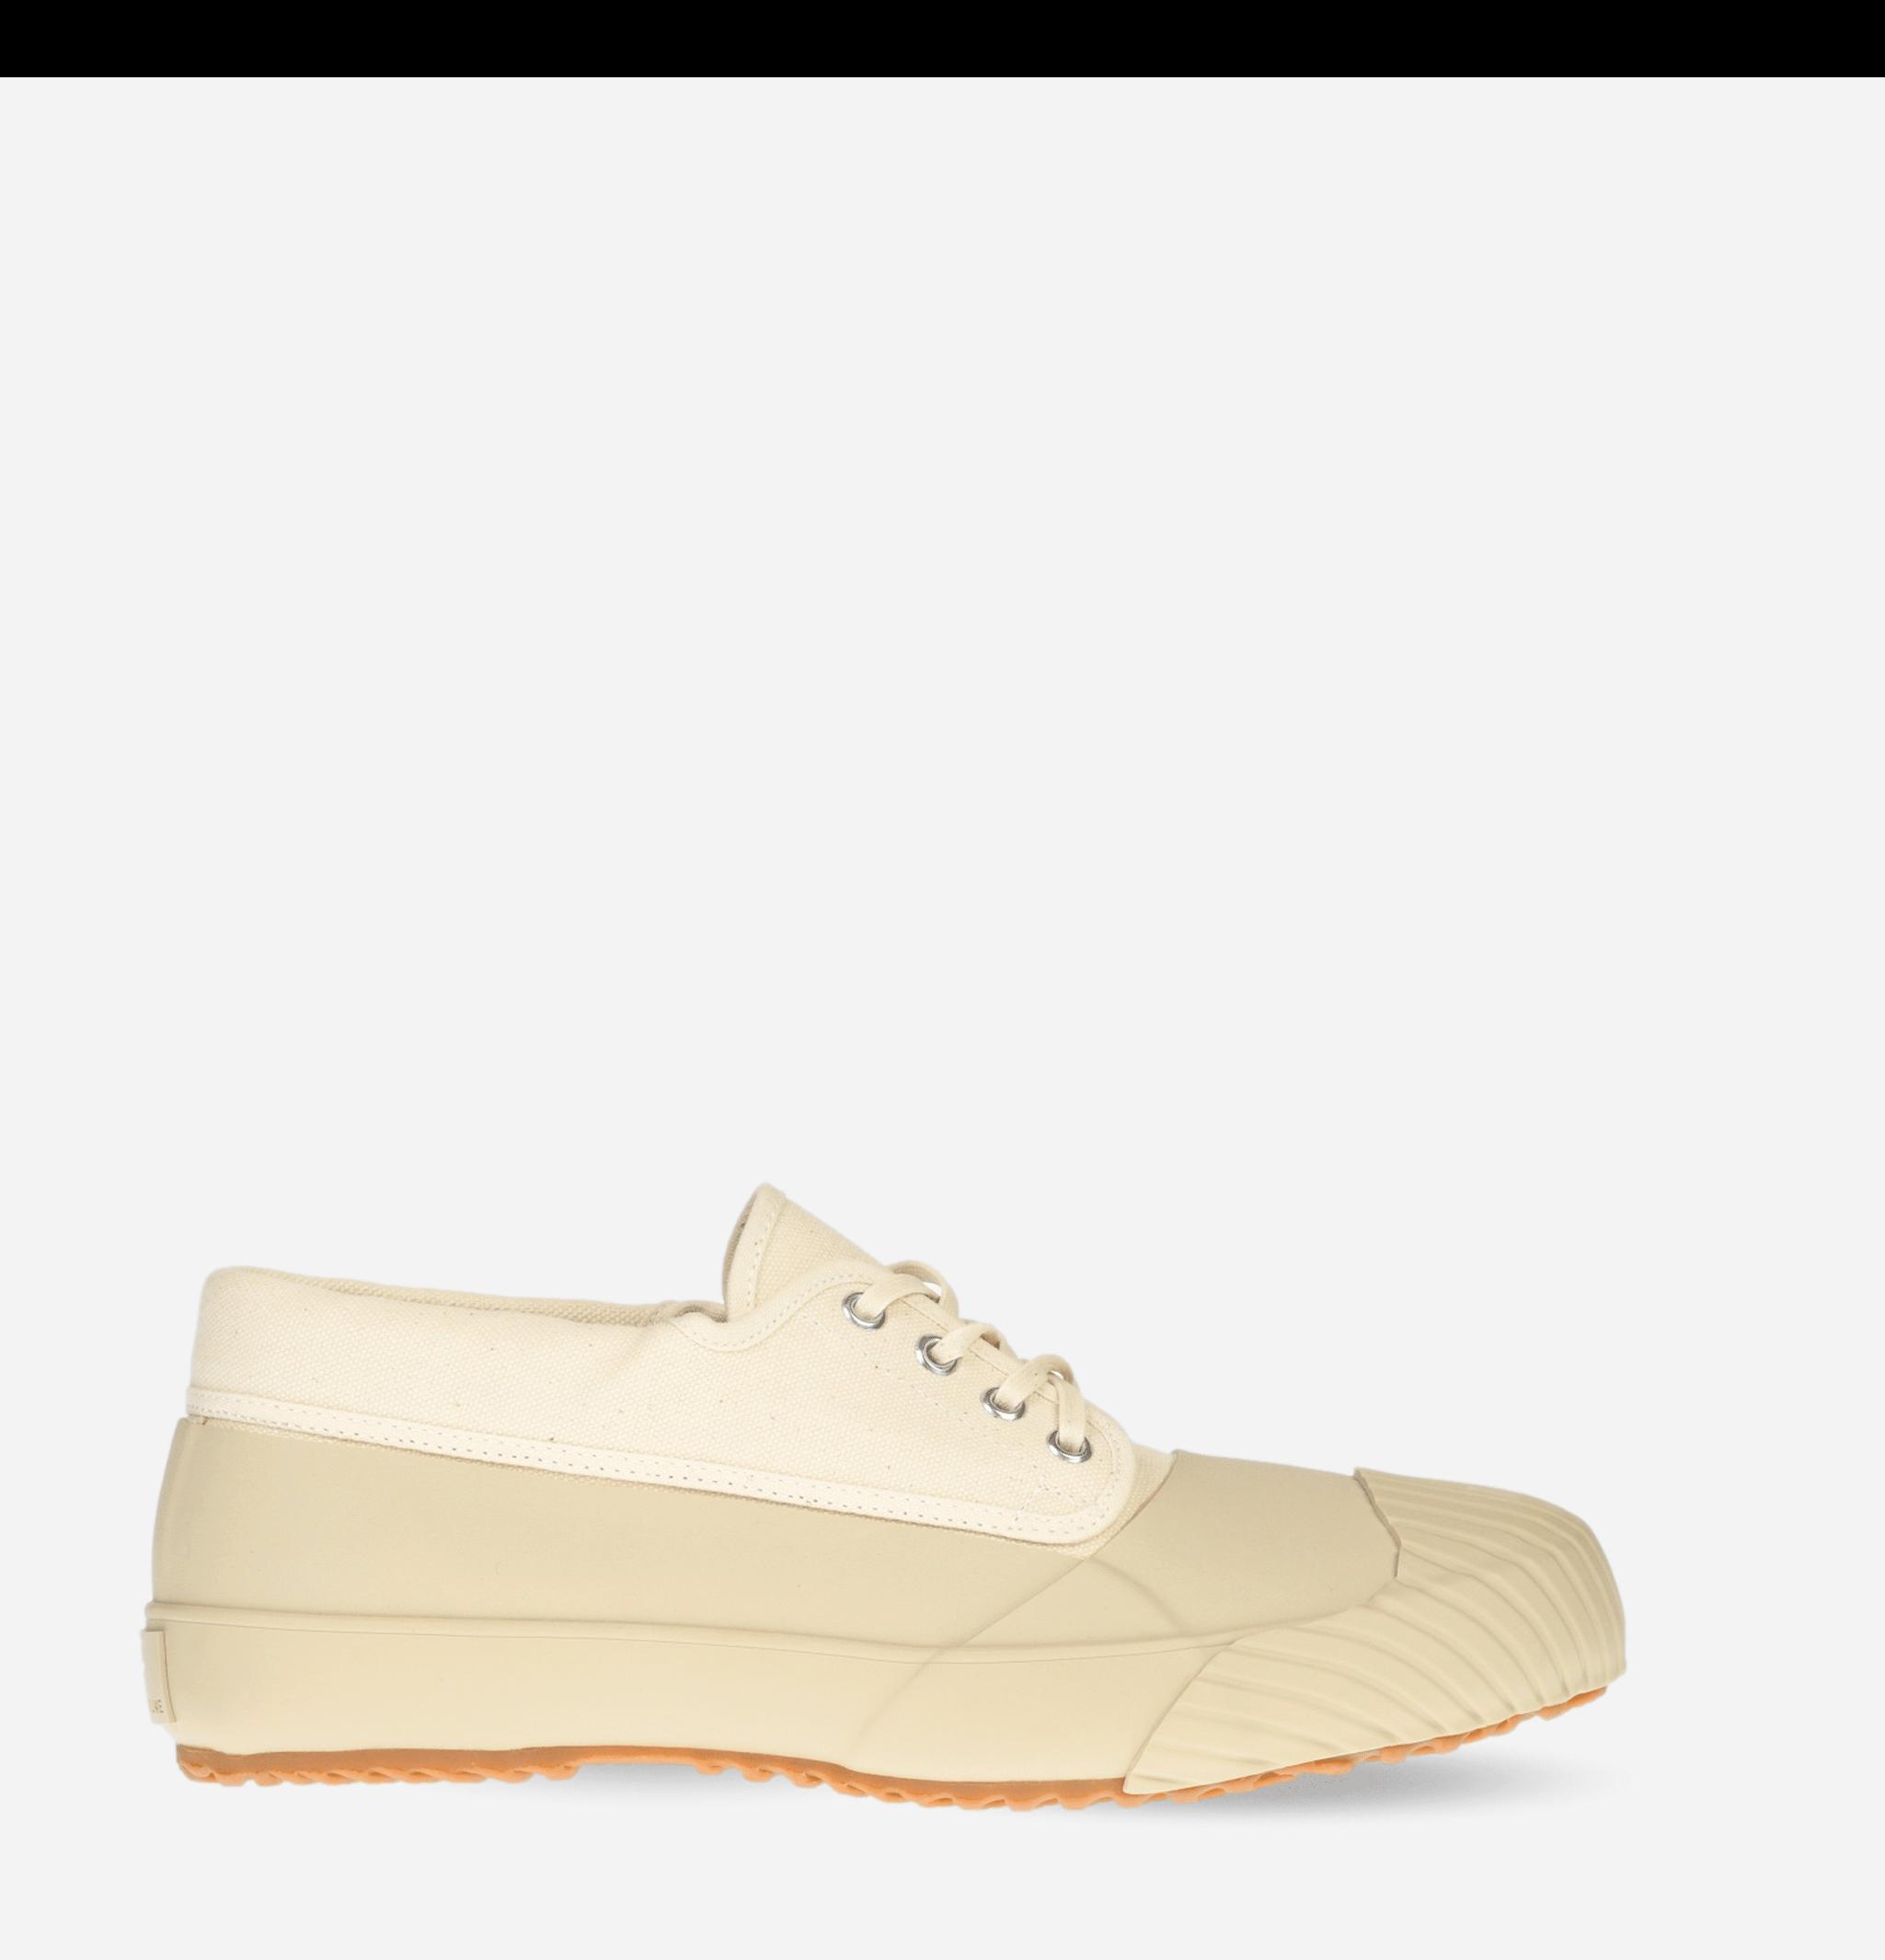 Chaussures Mudguard Beige